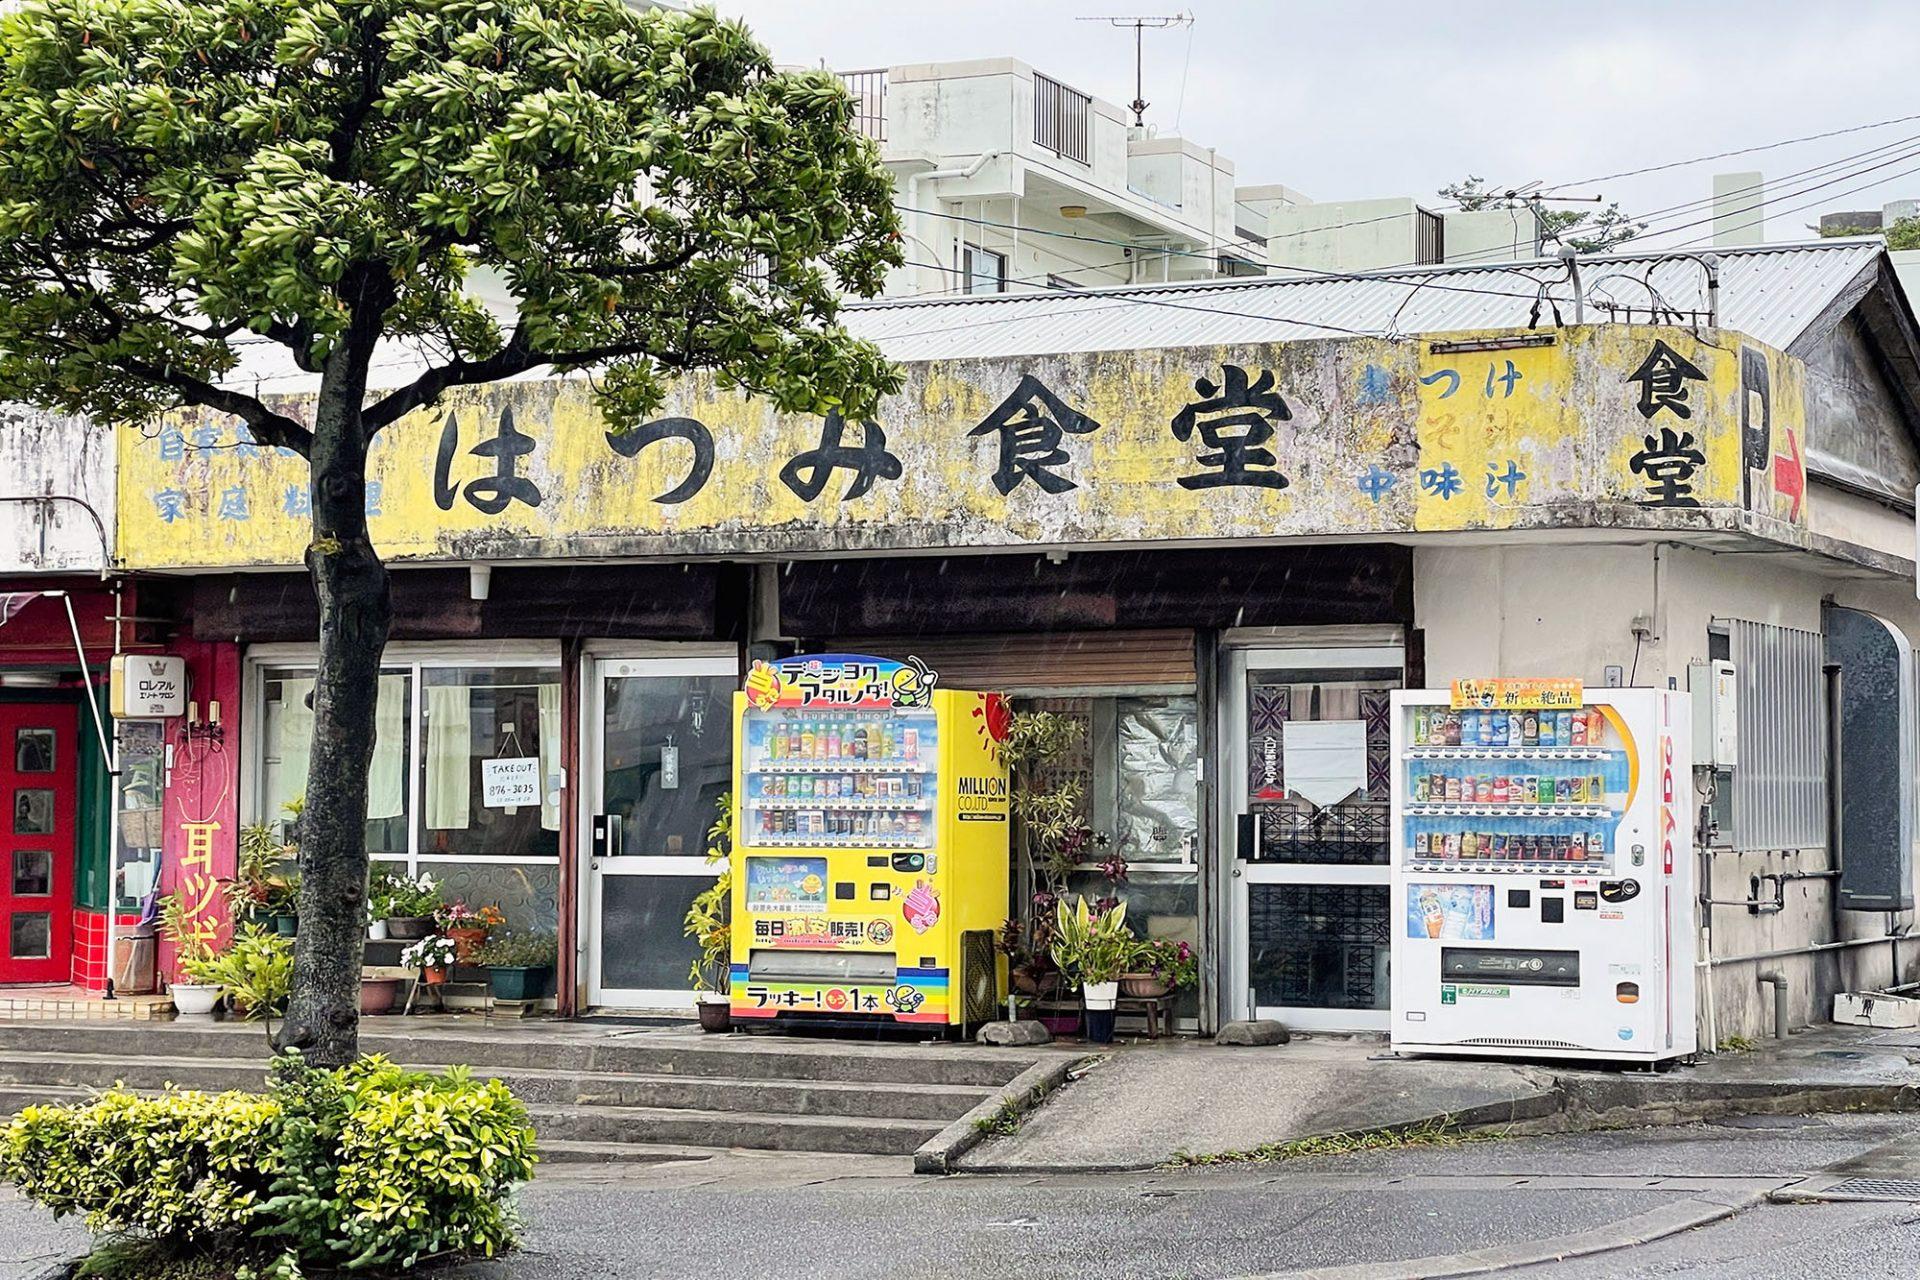 浦添パイプライン通りに佇む貫禄ある老舗「はつみ食堂」